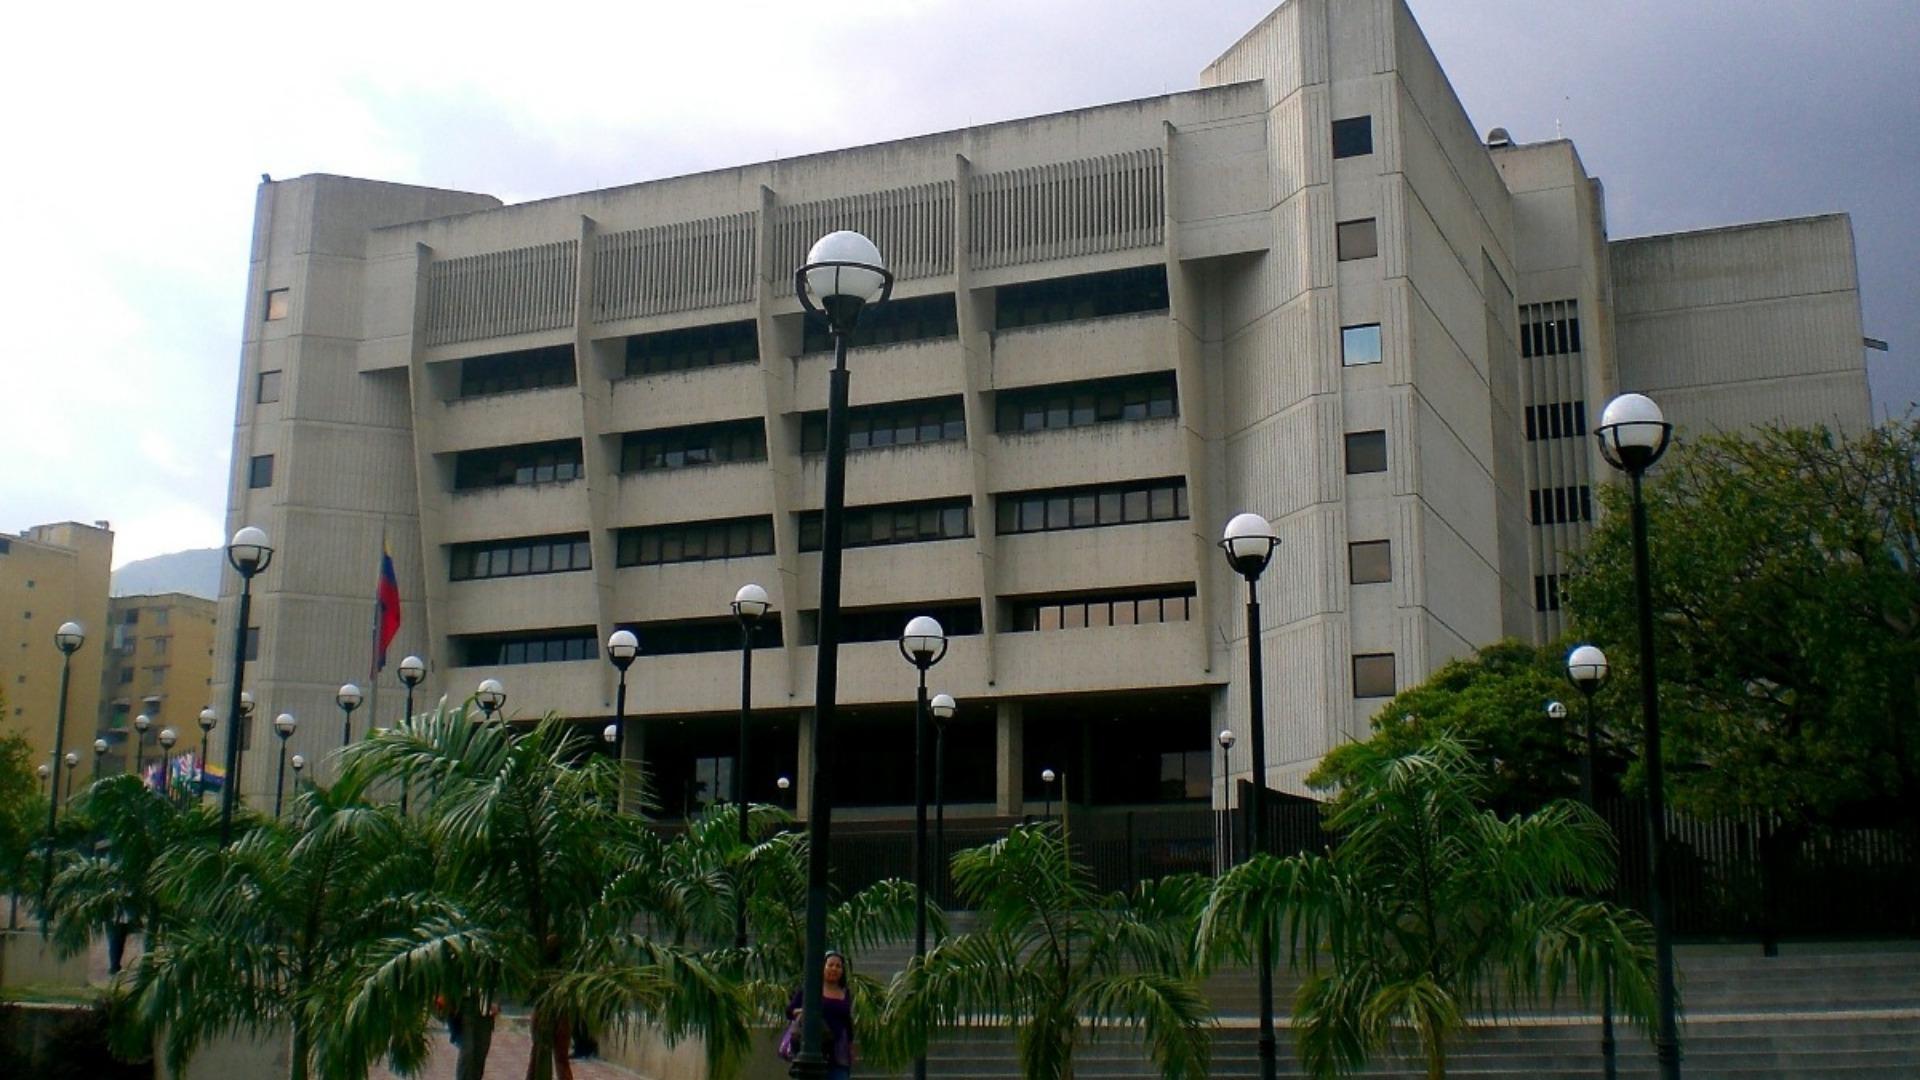 TSJ suspende despacho de tribunales hasta el 13 de abril por Covid-19